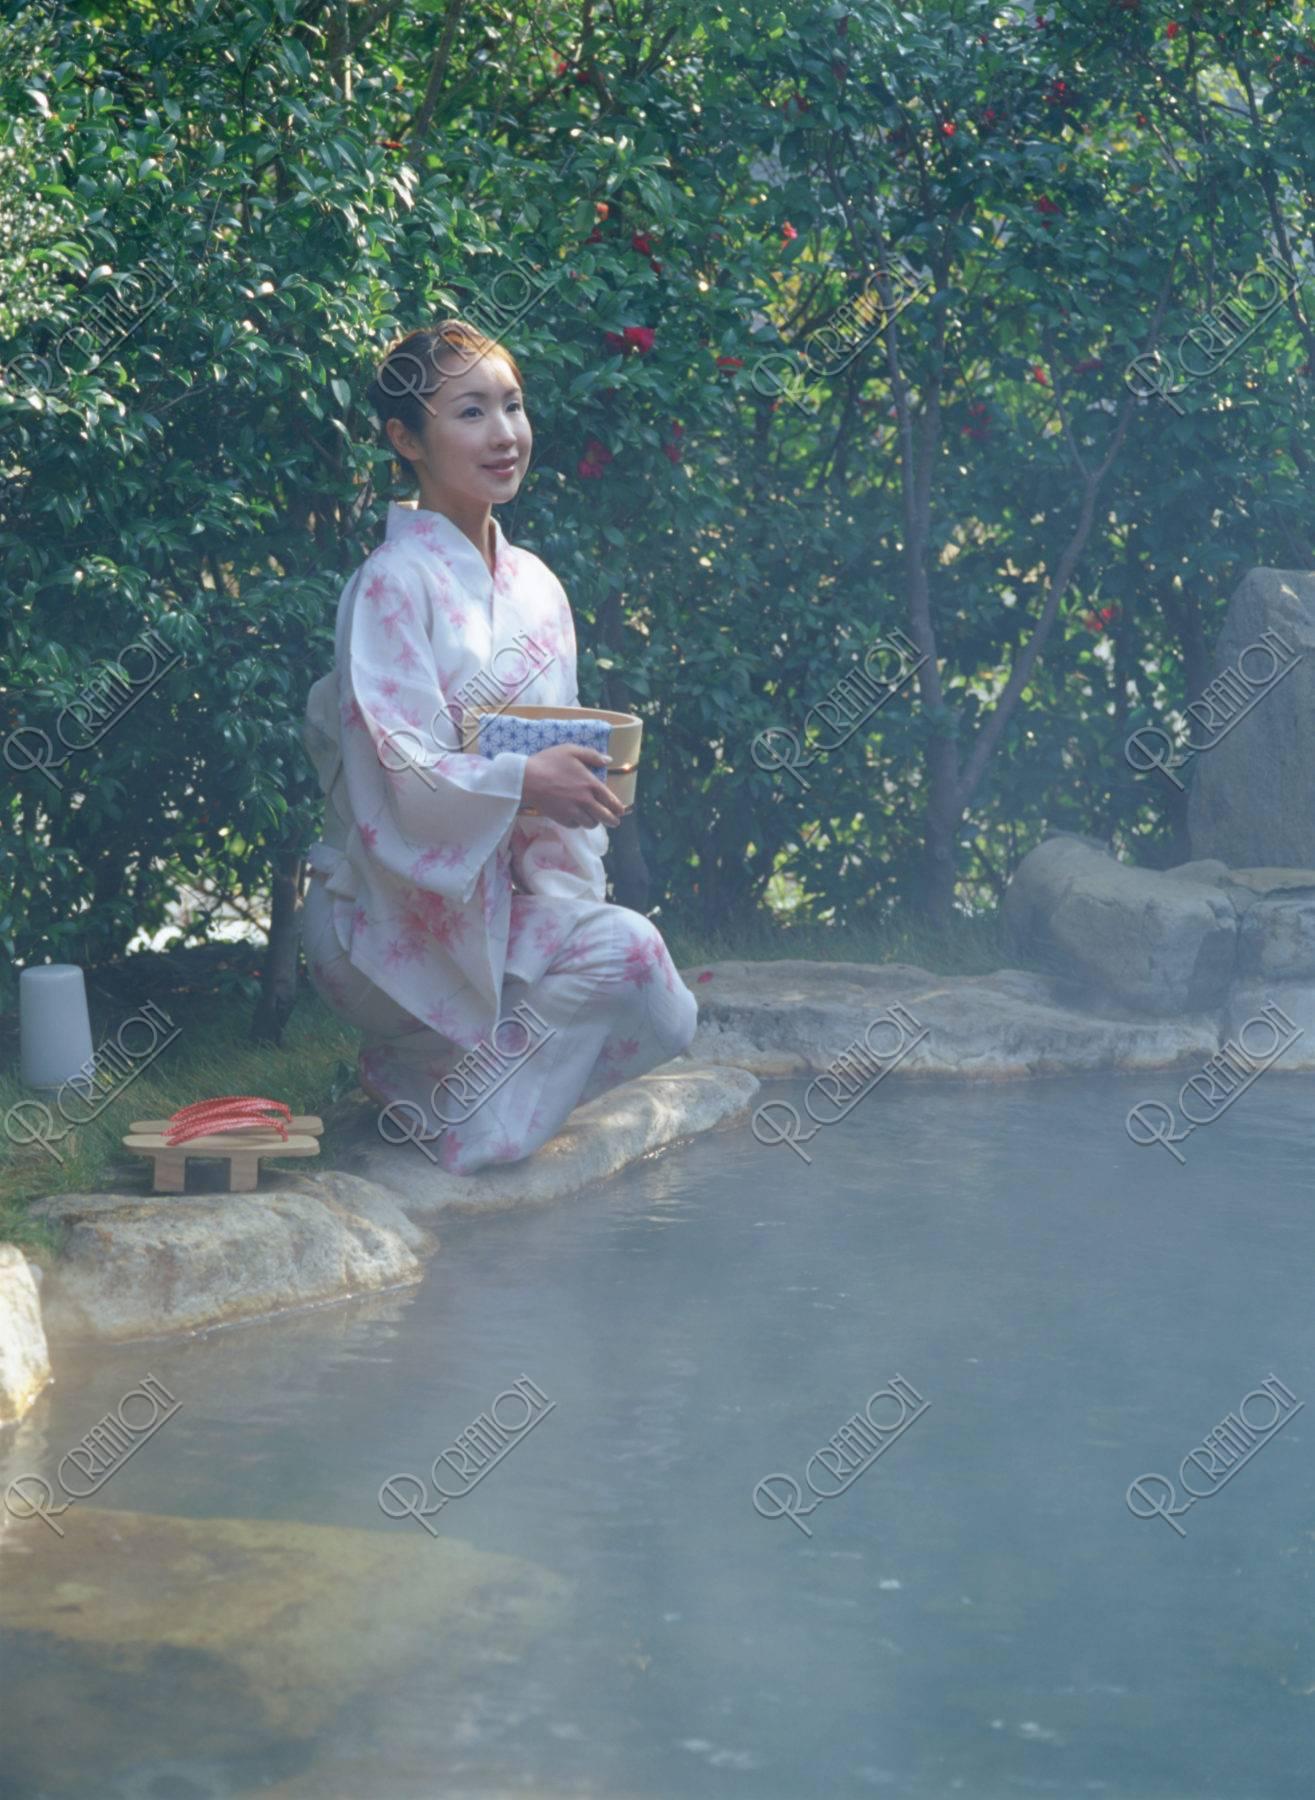 露天風呂で桶を持つ女性